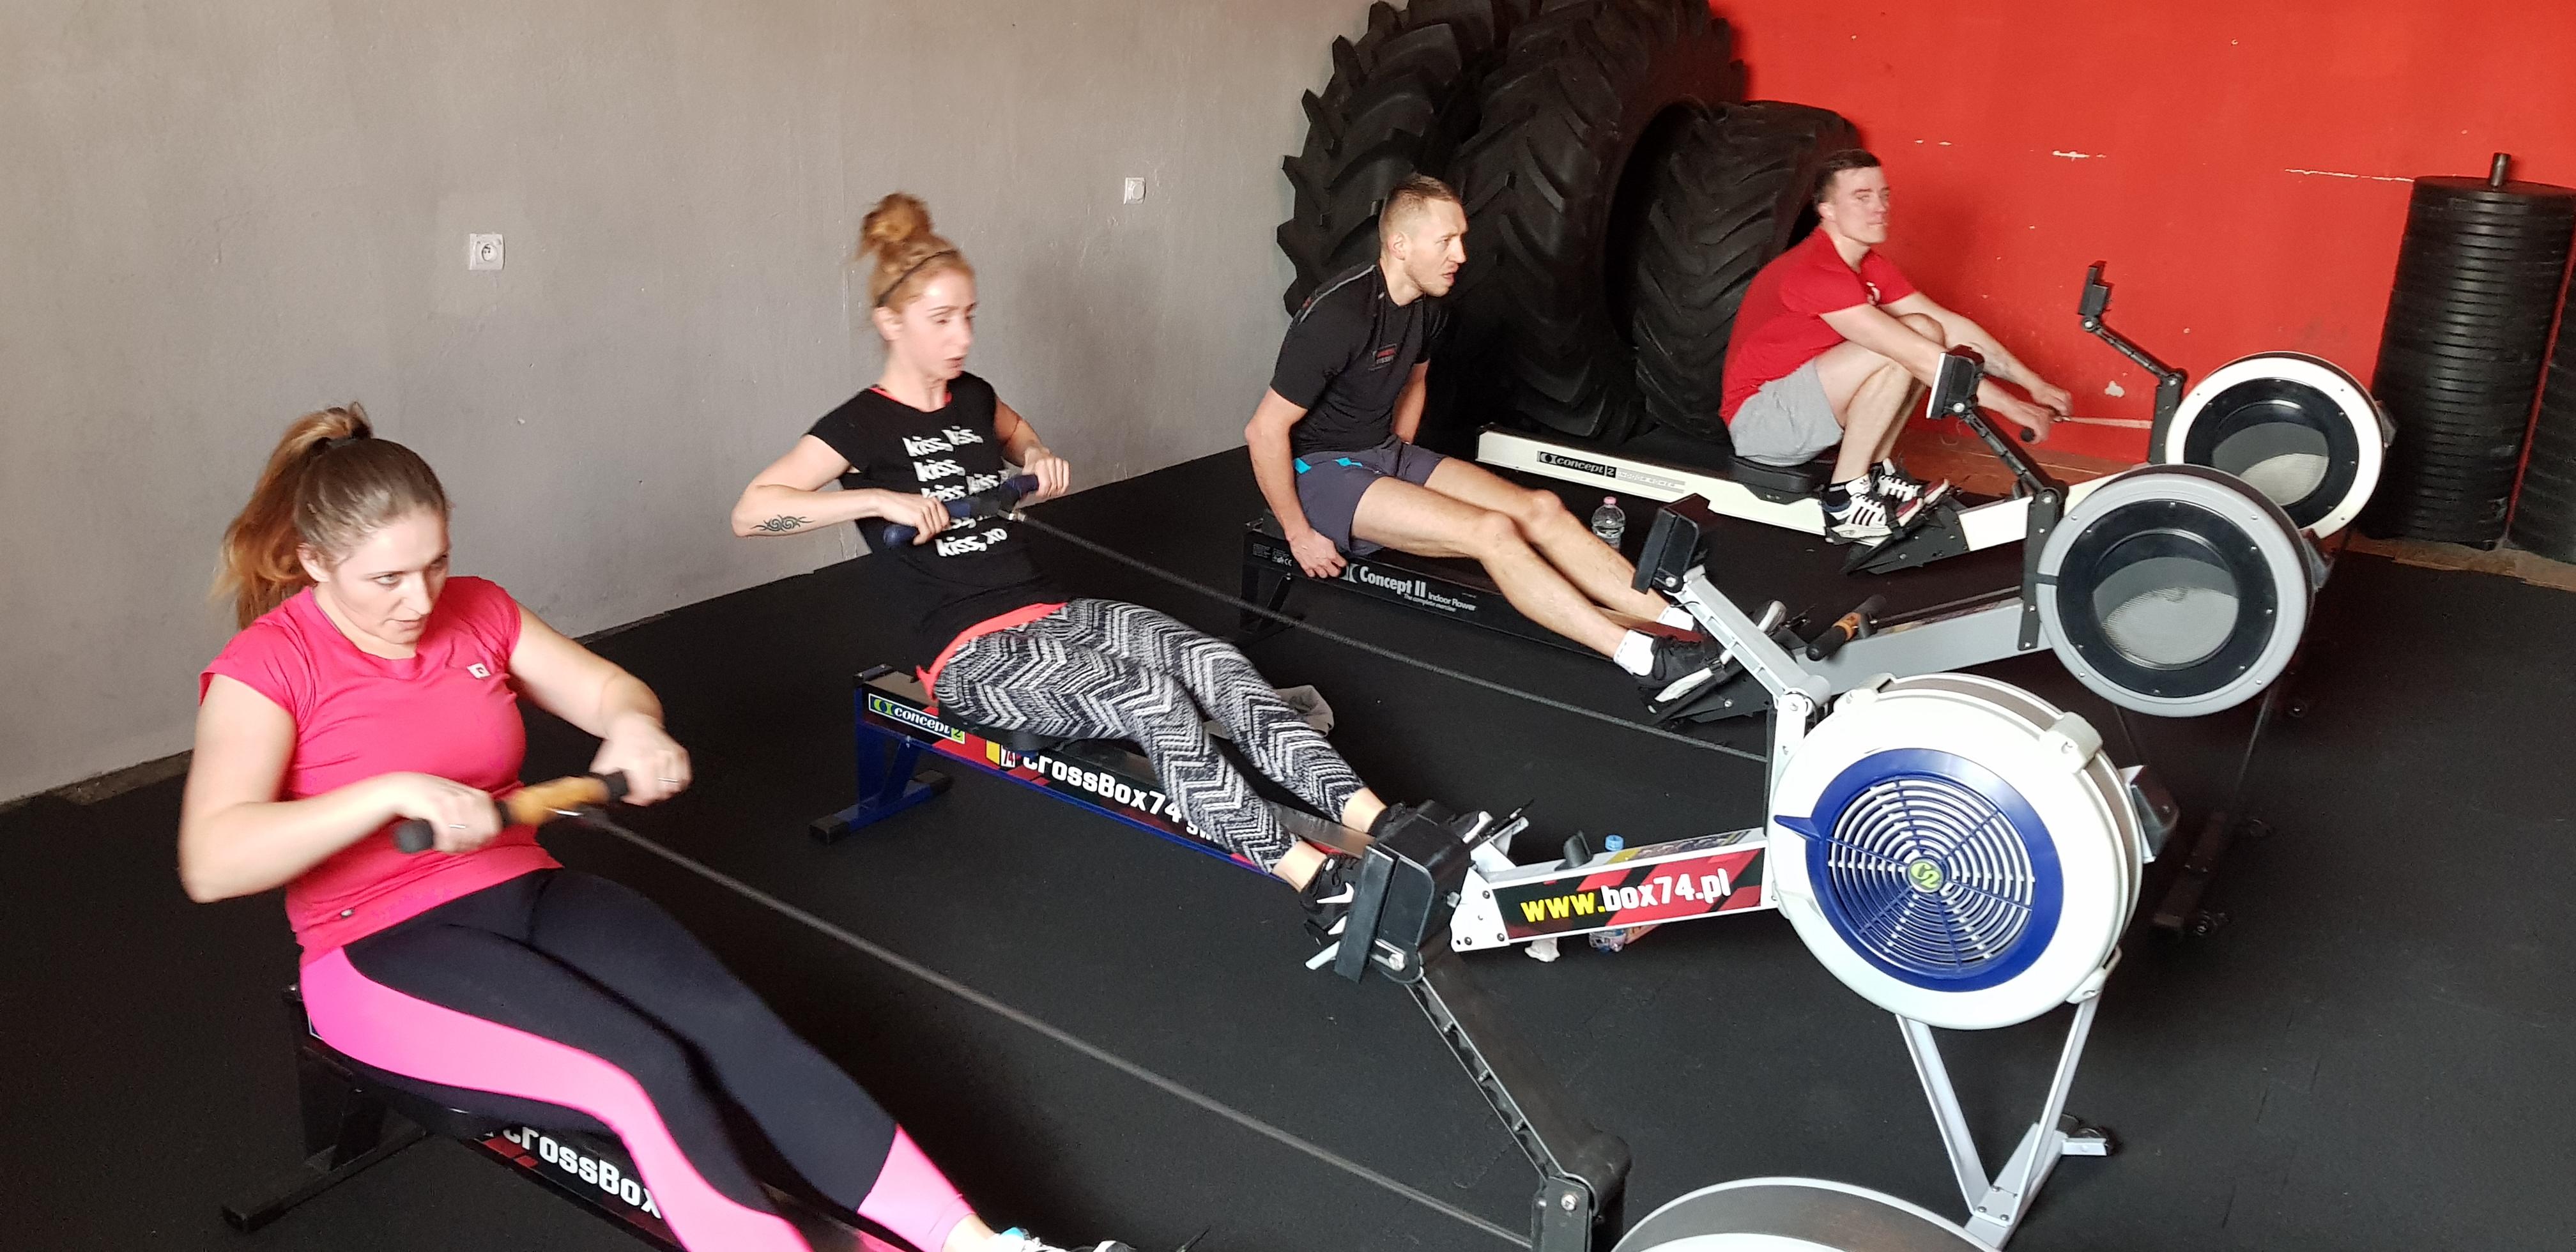 świdnica trening grupowy fitness świdnica zajęcia trener personalny świdnica wiosłowanie ergometr świdnica